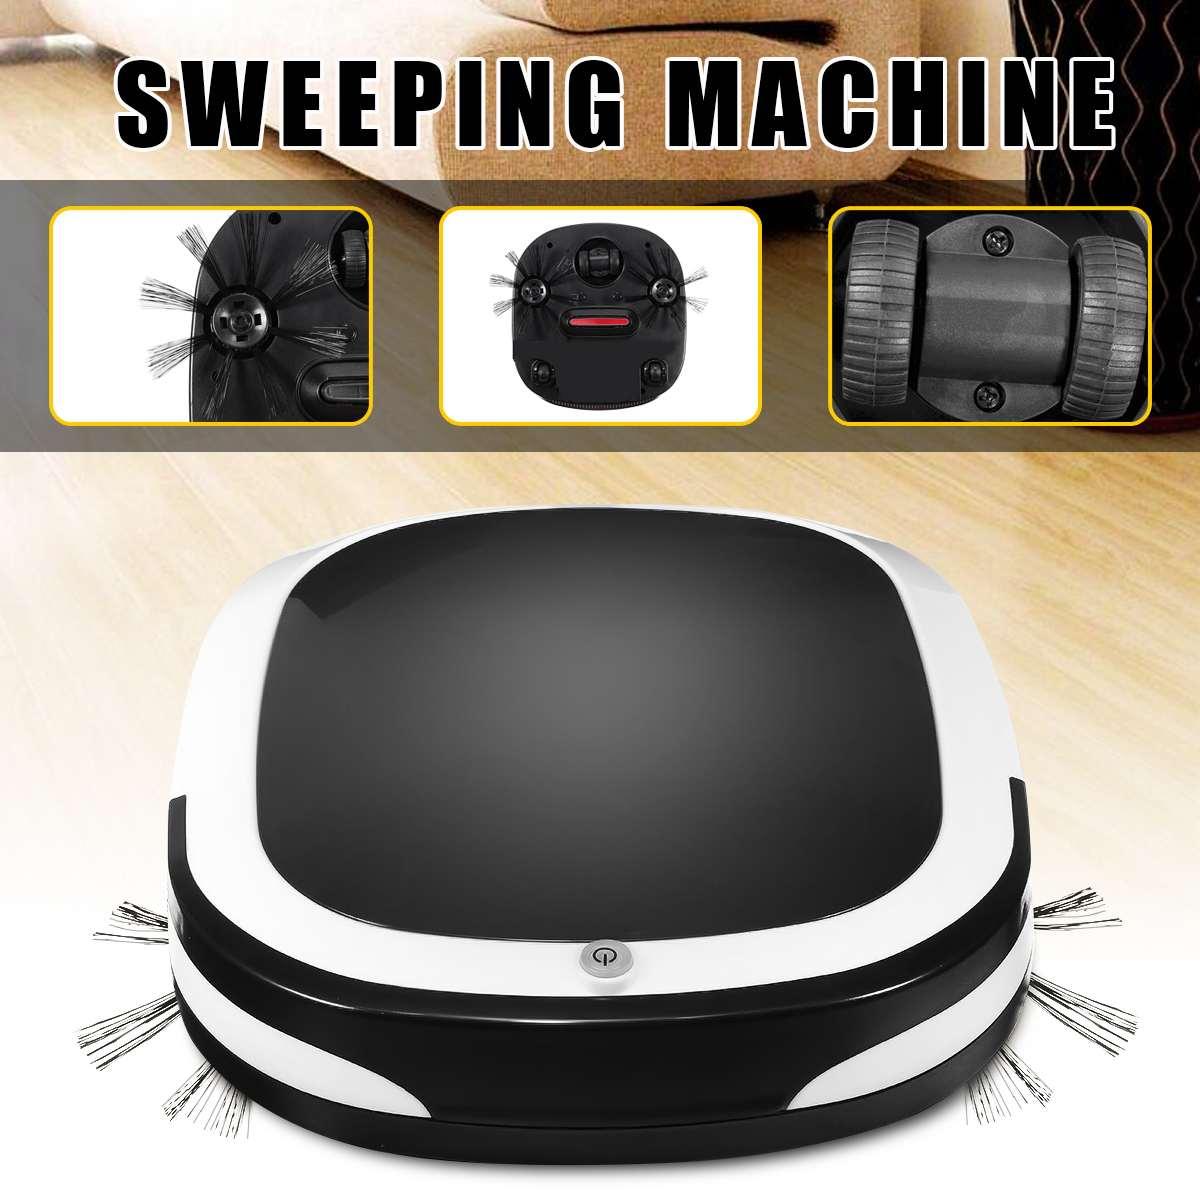 Robot Aspirateur 2 pour La Maison Automatique Balayer La Poussière Stériliser Smart Prévues À Laver Essuyant Aspirateurs